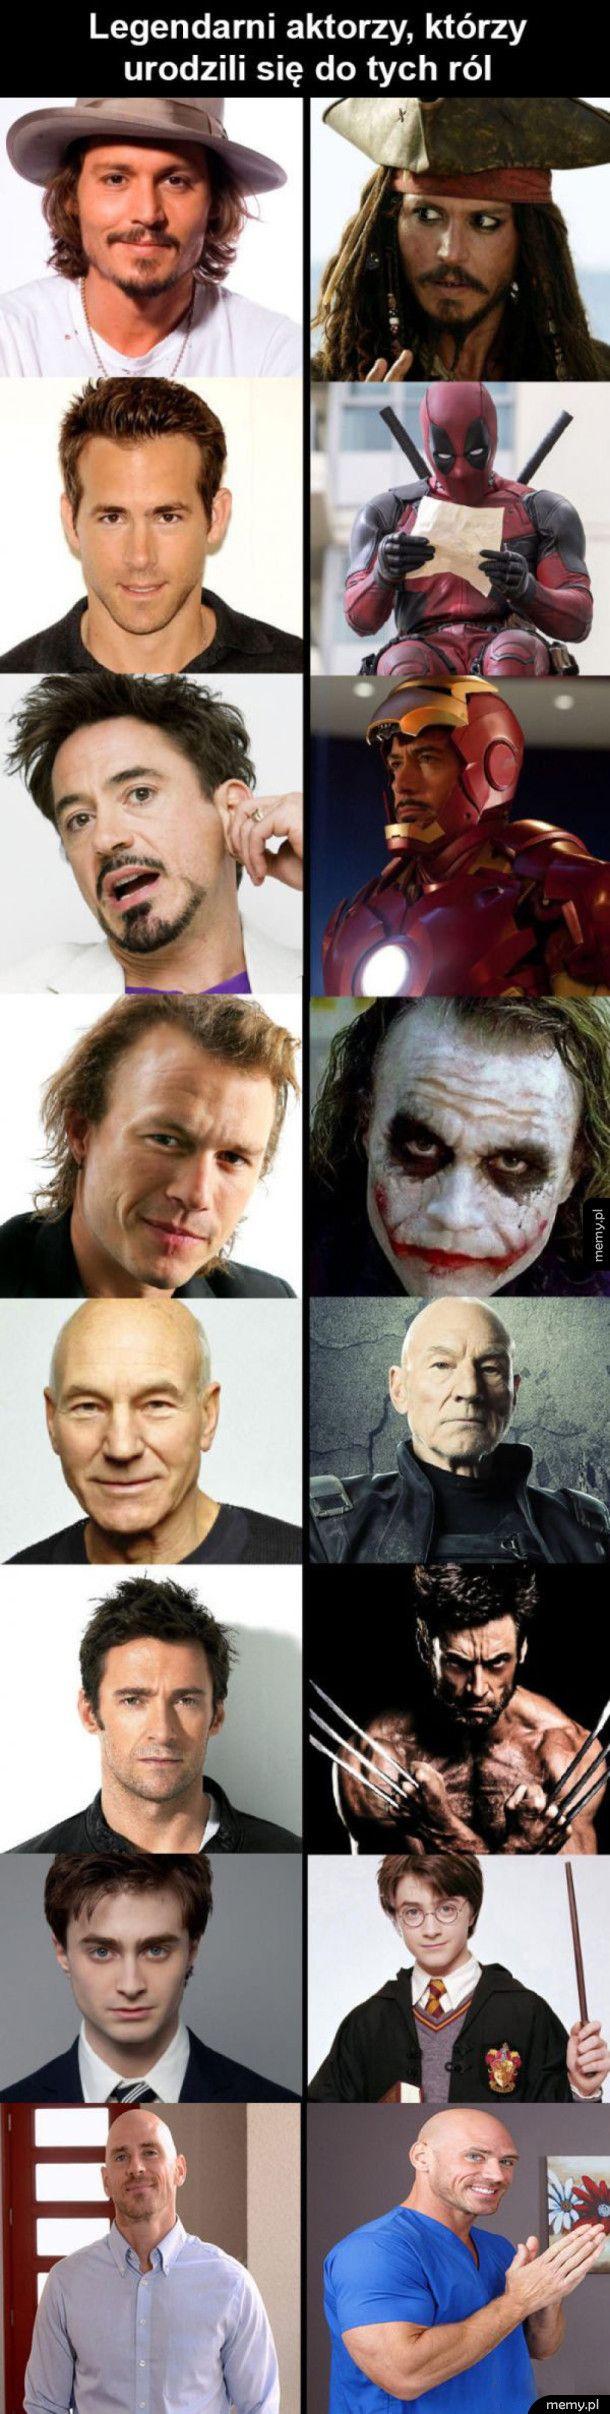 Genialni aktorzy i role